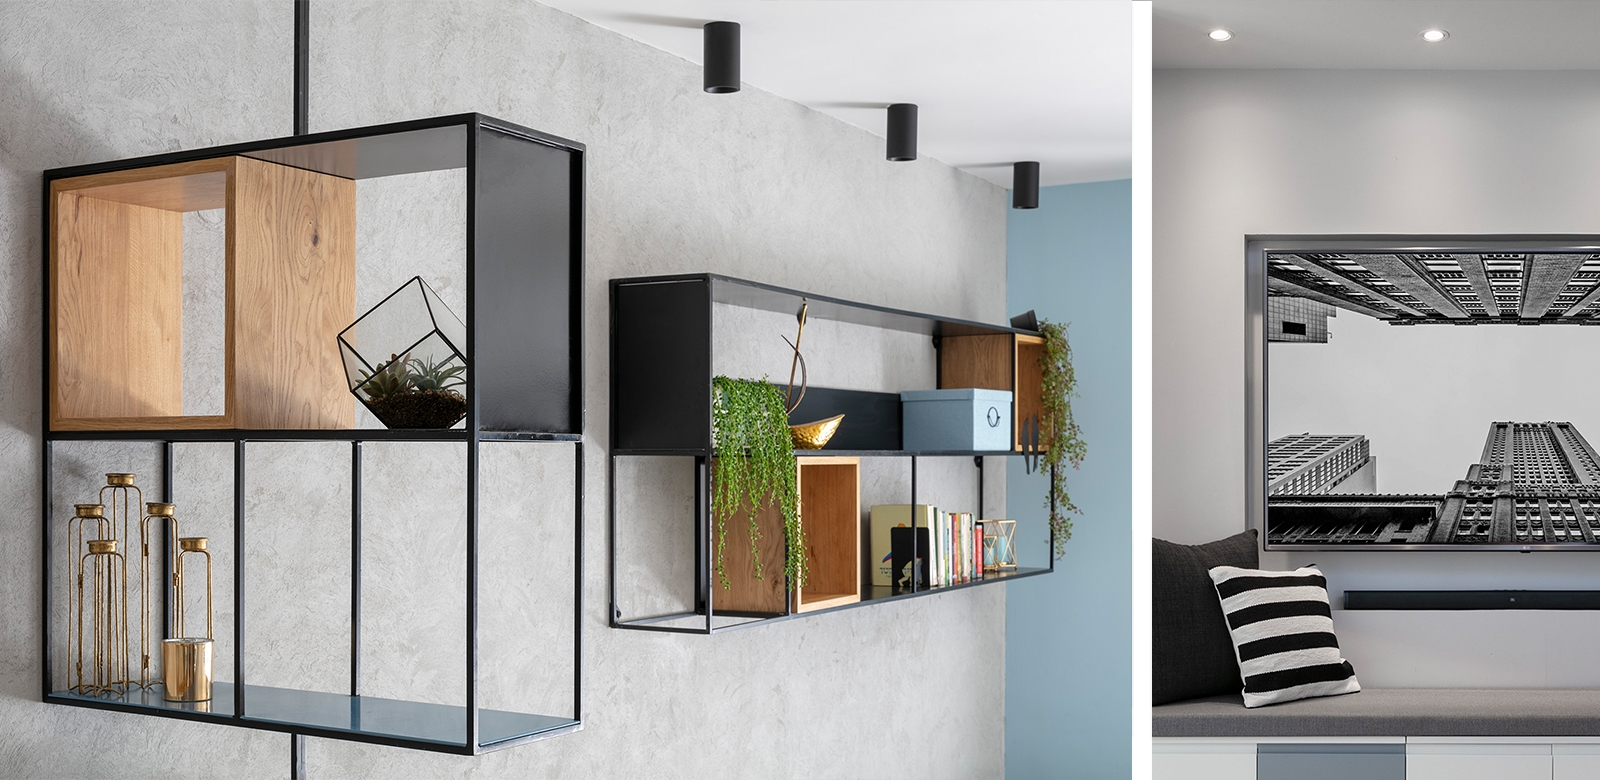 עיצוב דירה בחיפה - תמונה מספר 8